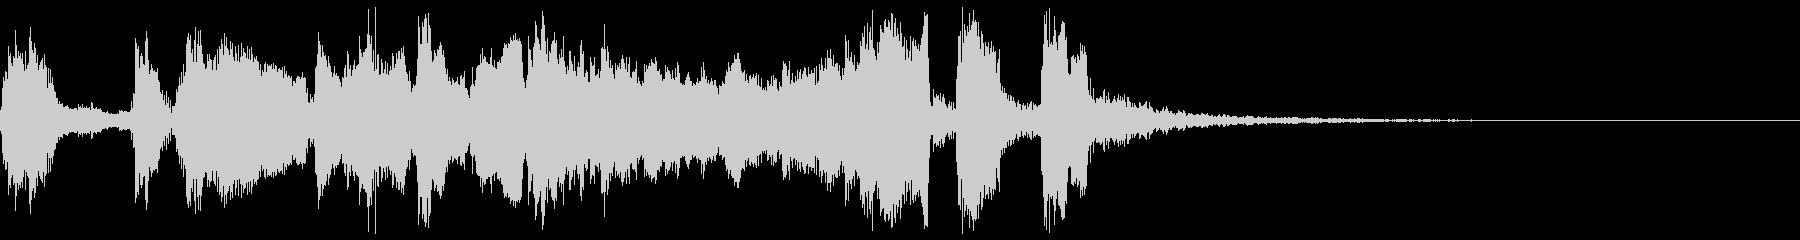 シンプルなファンファーレ3+ハモ+Drの未再生の波形